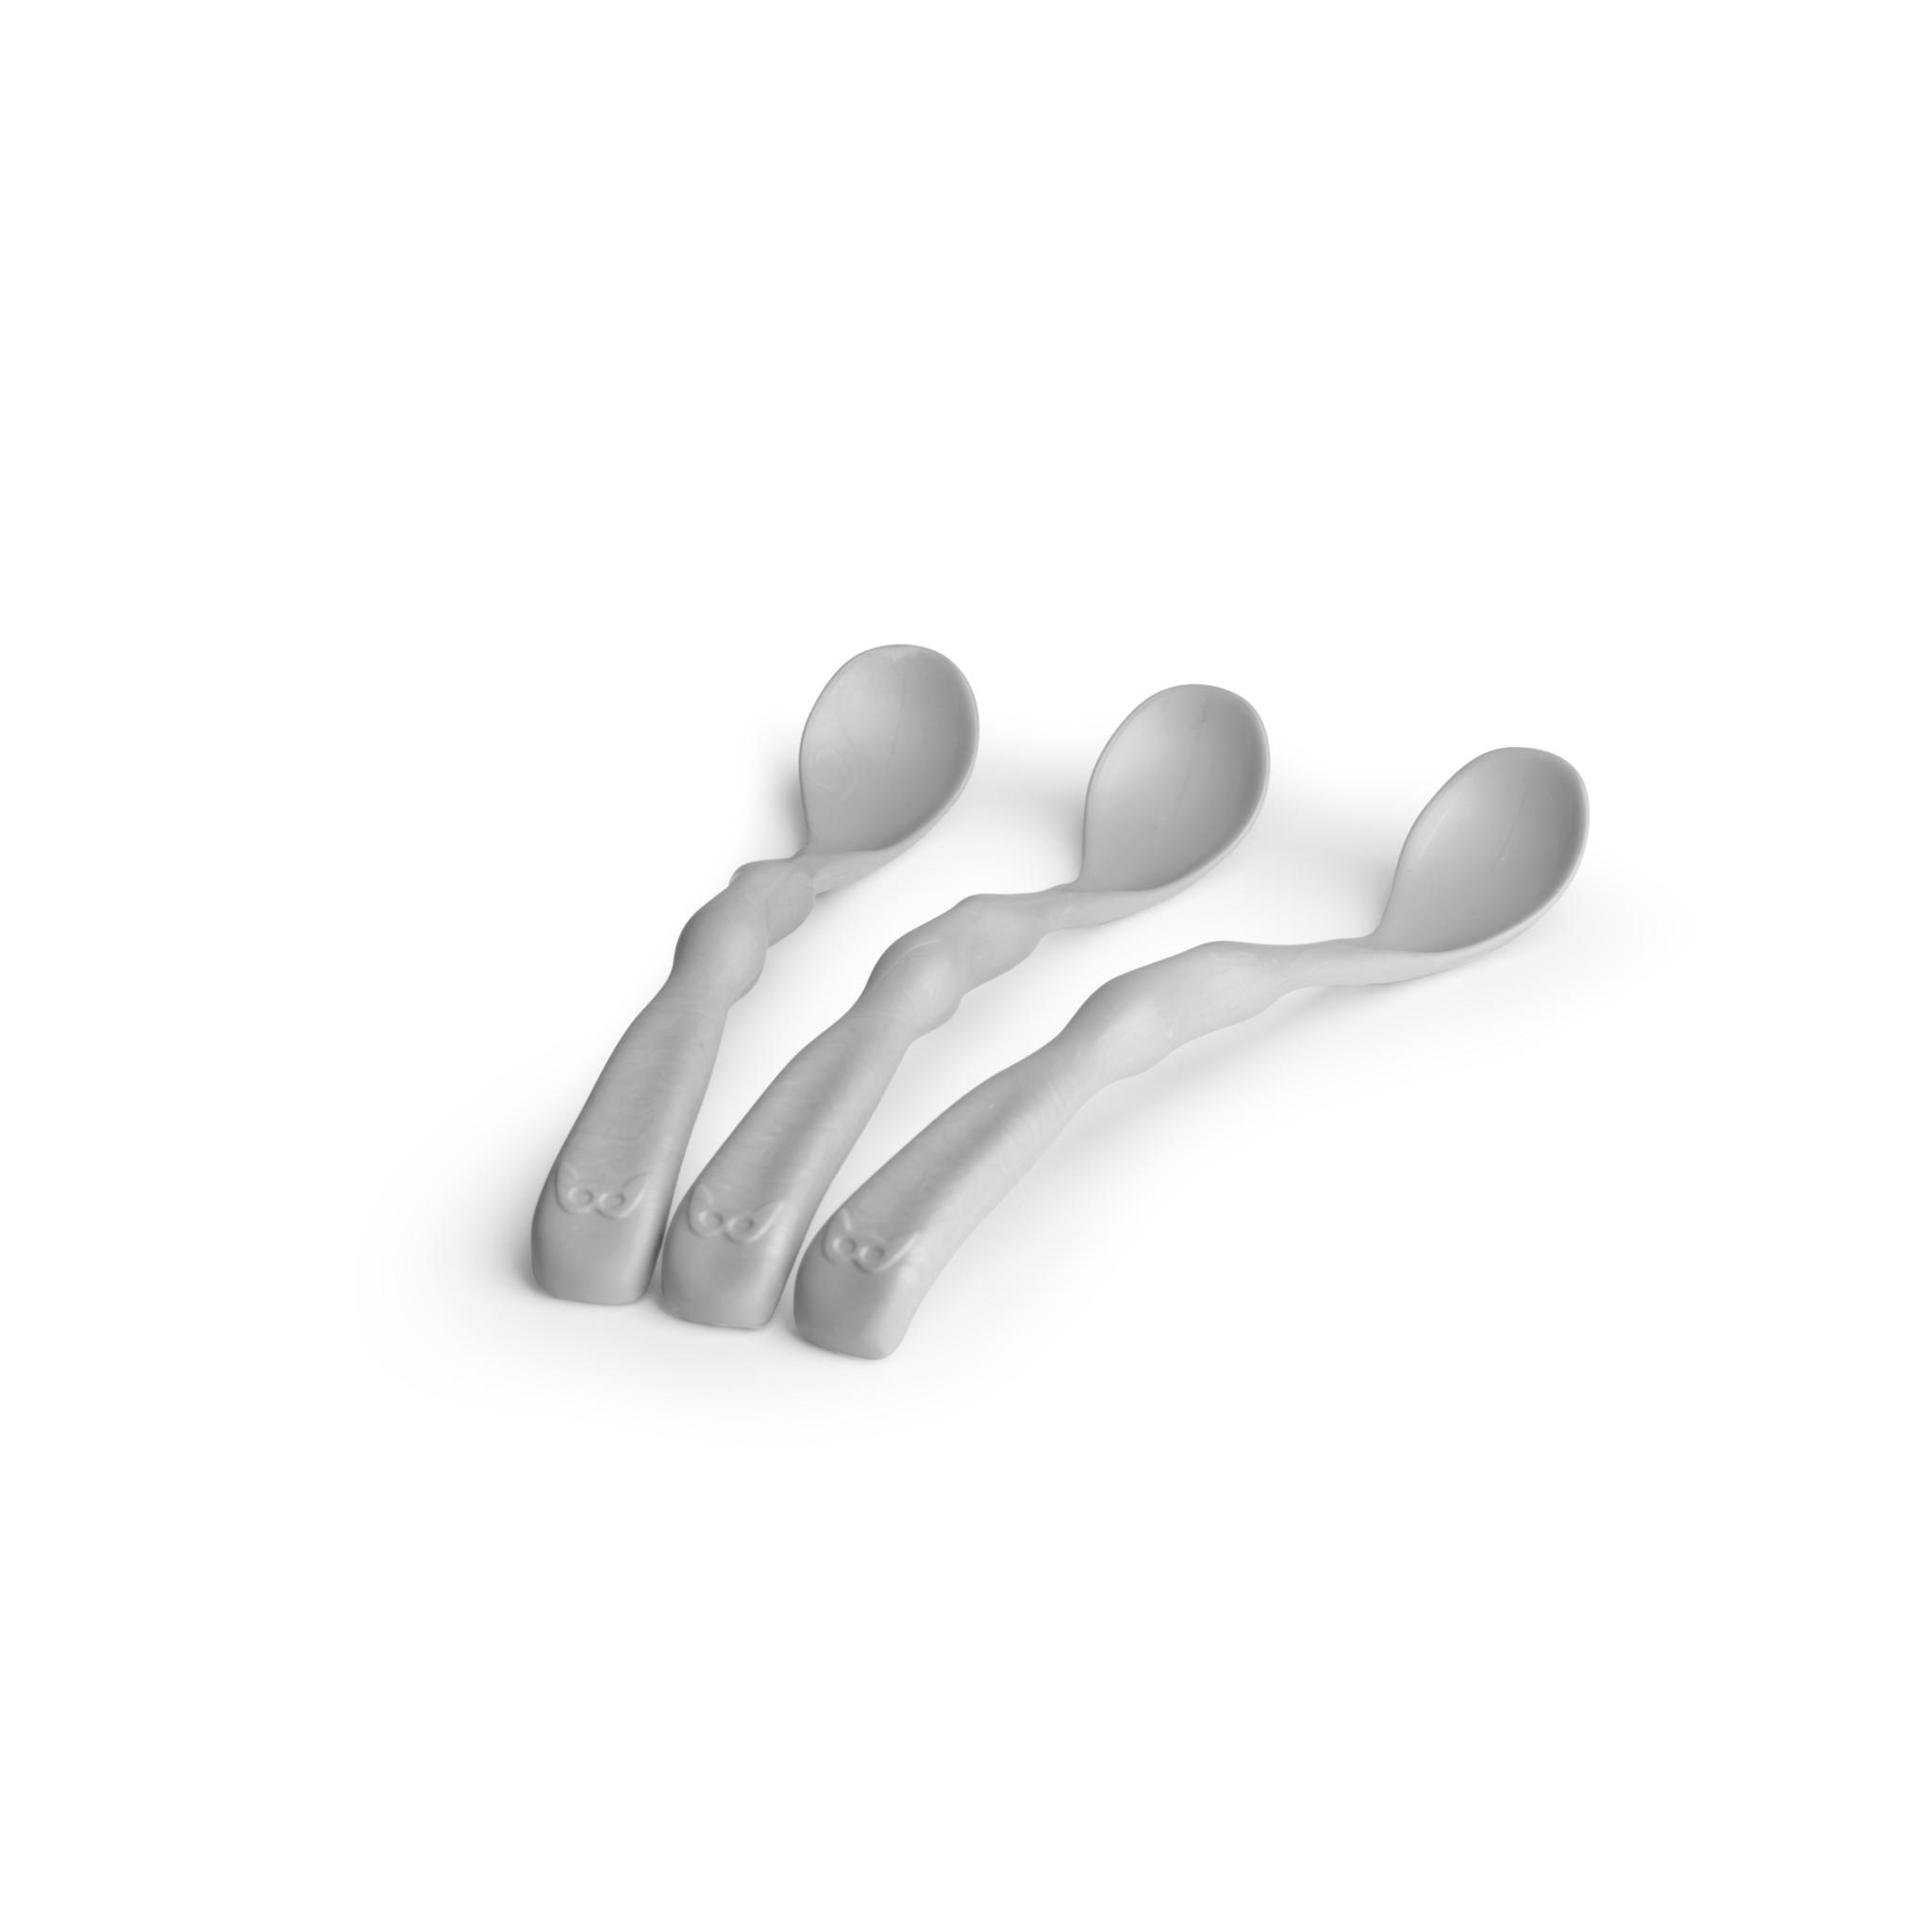 Herobility Herobility HeroEcoFeeding Spoon Voedingslepel (3 pack) Mist Grijs